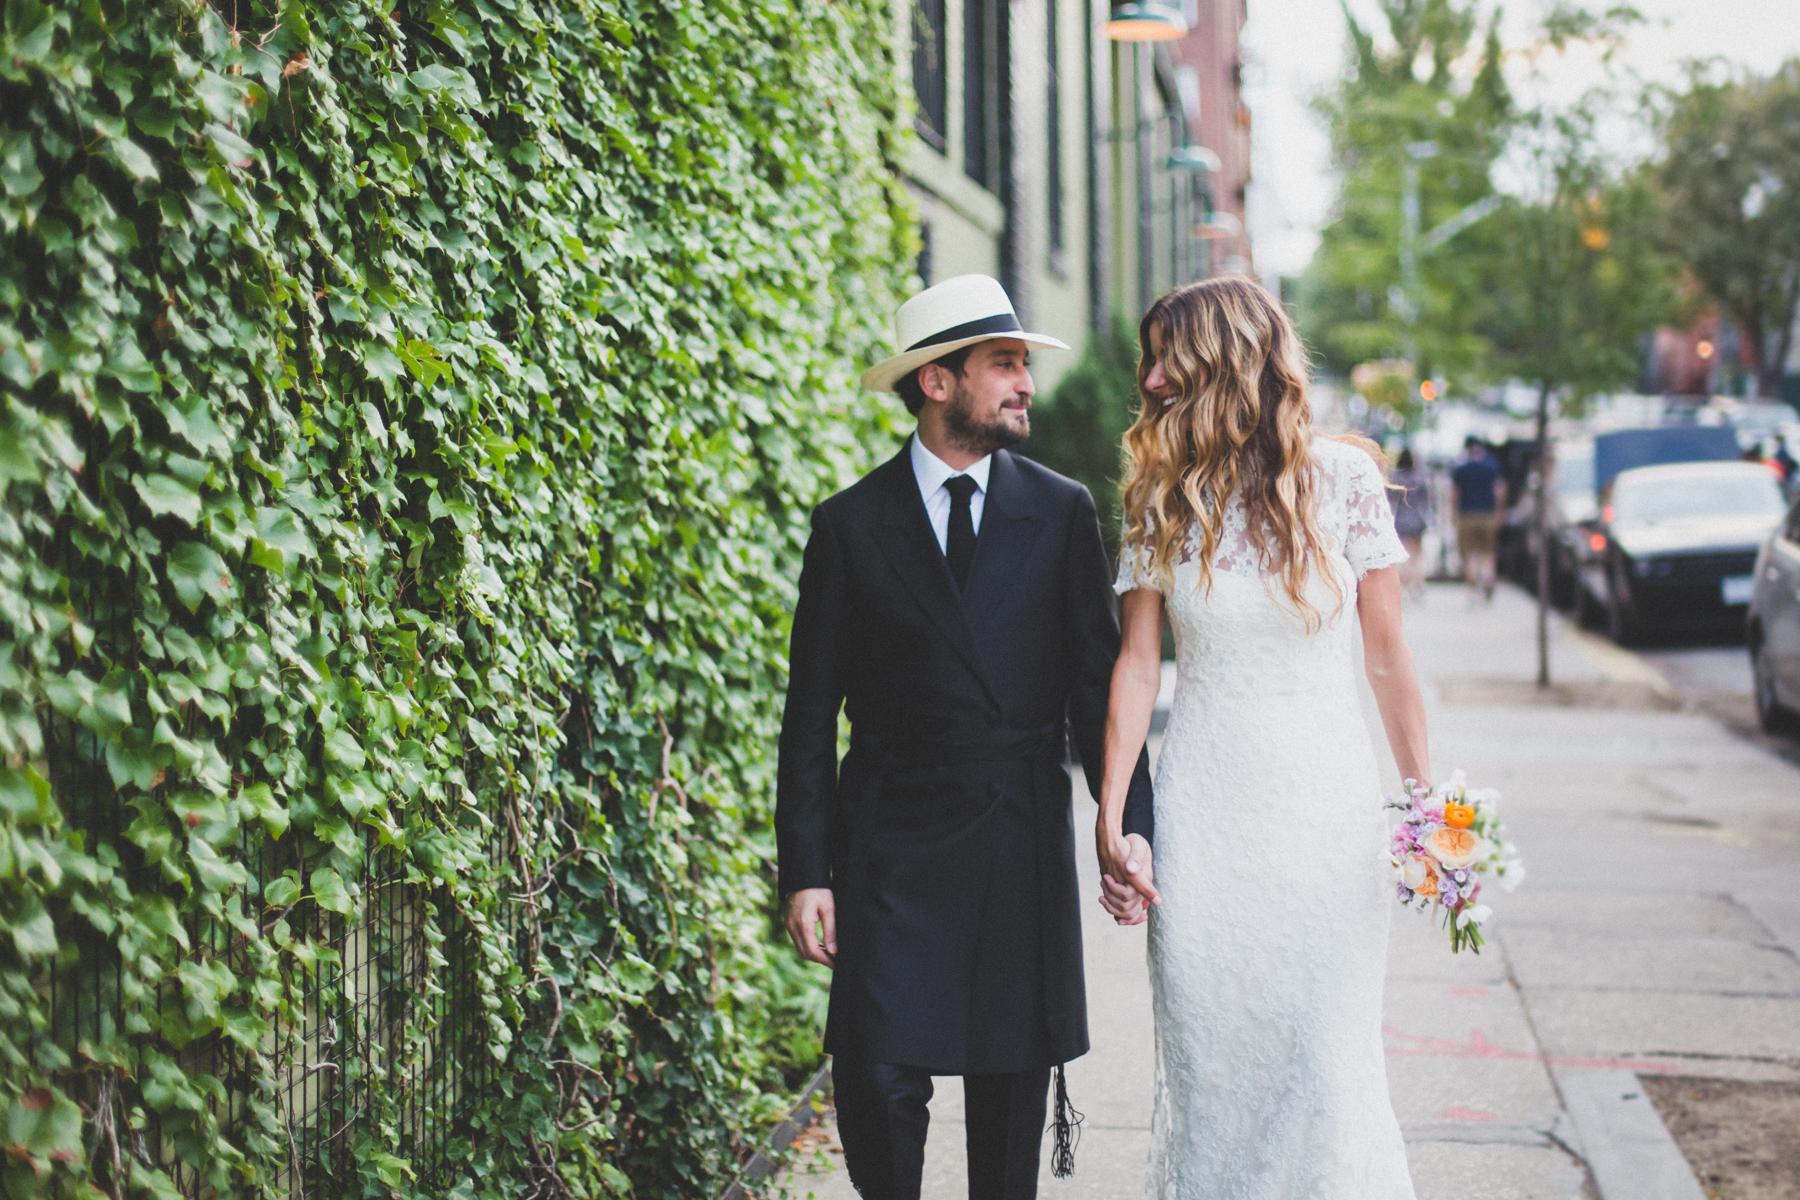 Wythe-Hotel-Green-Building-Brooklyn-Documentary-Wedding-Photography-81.jpg